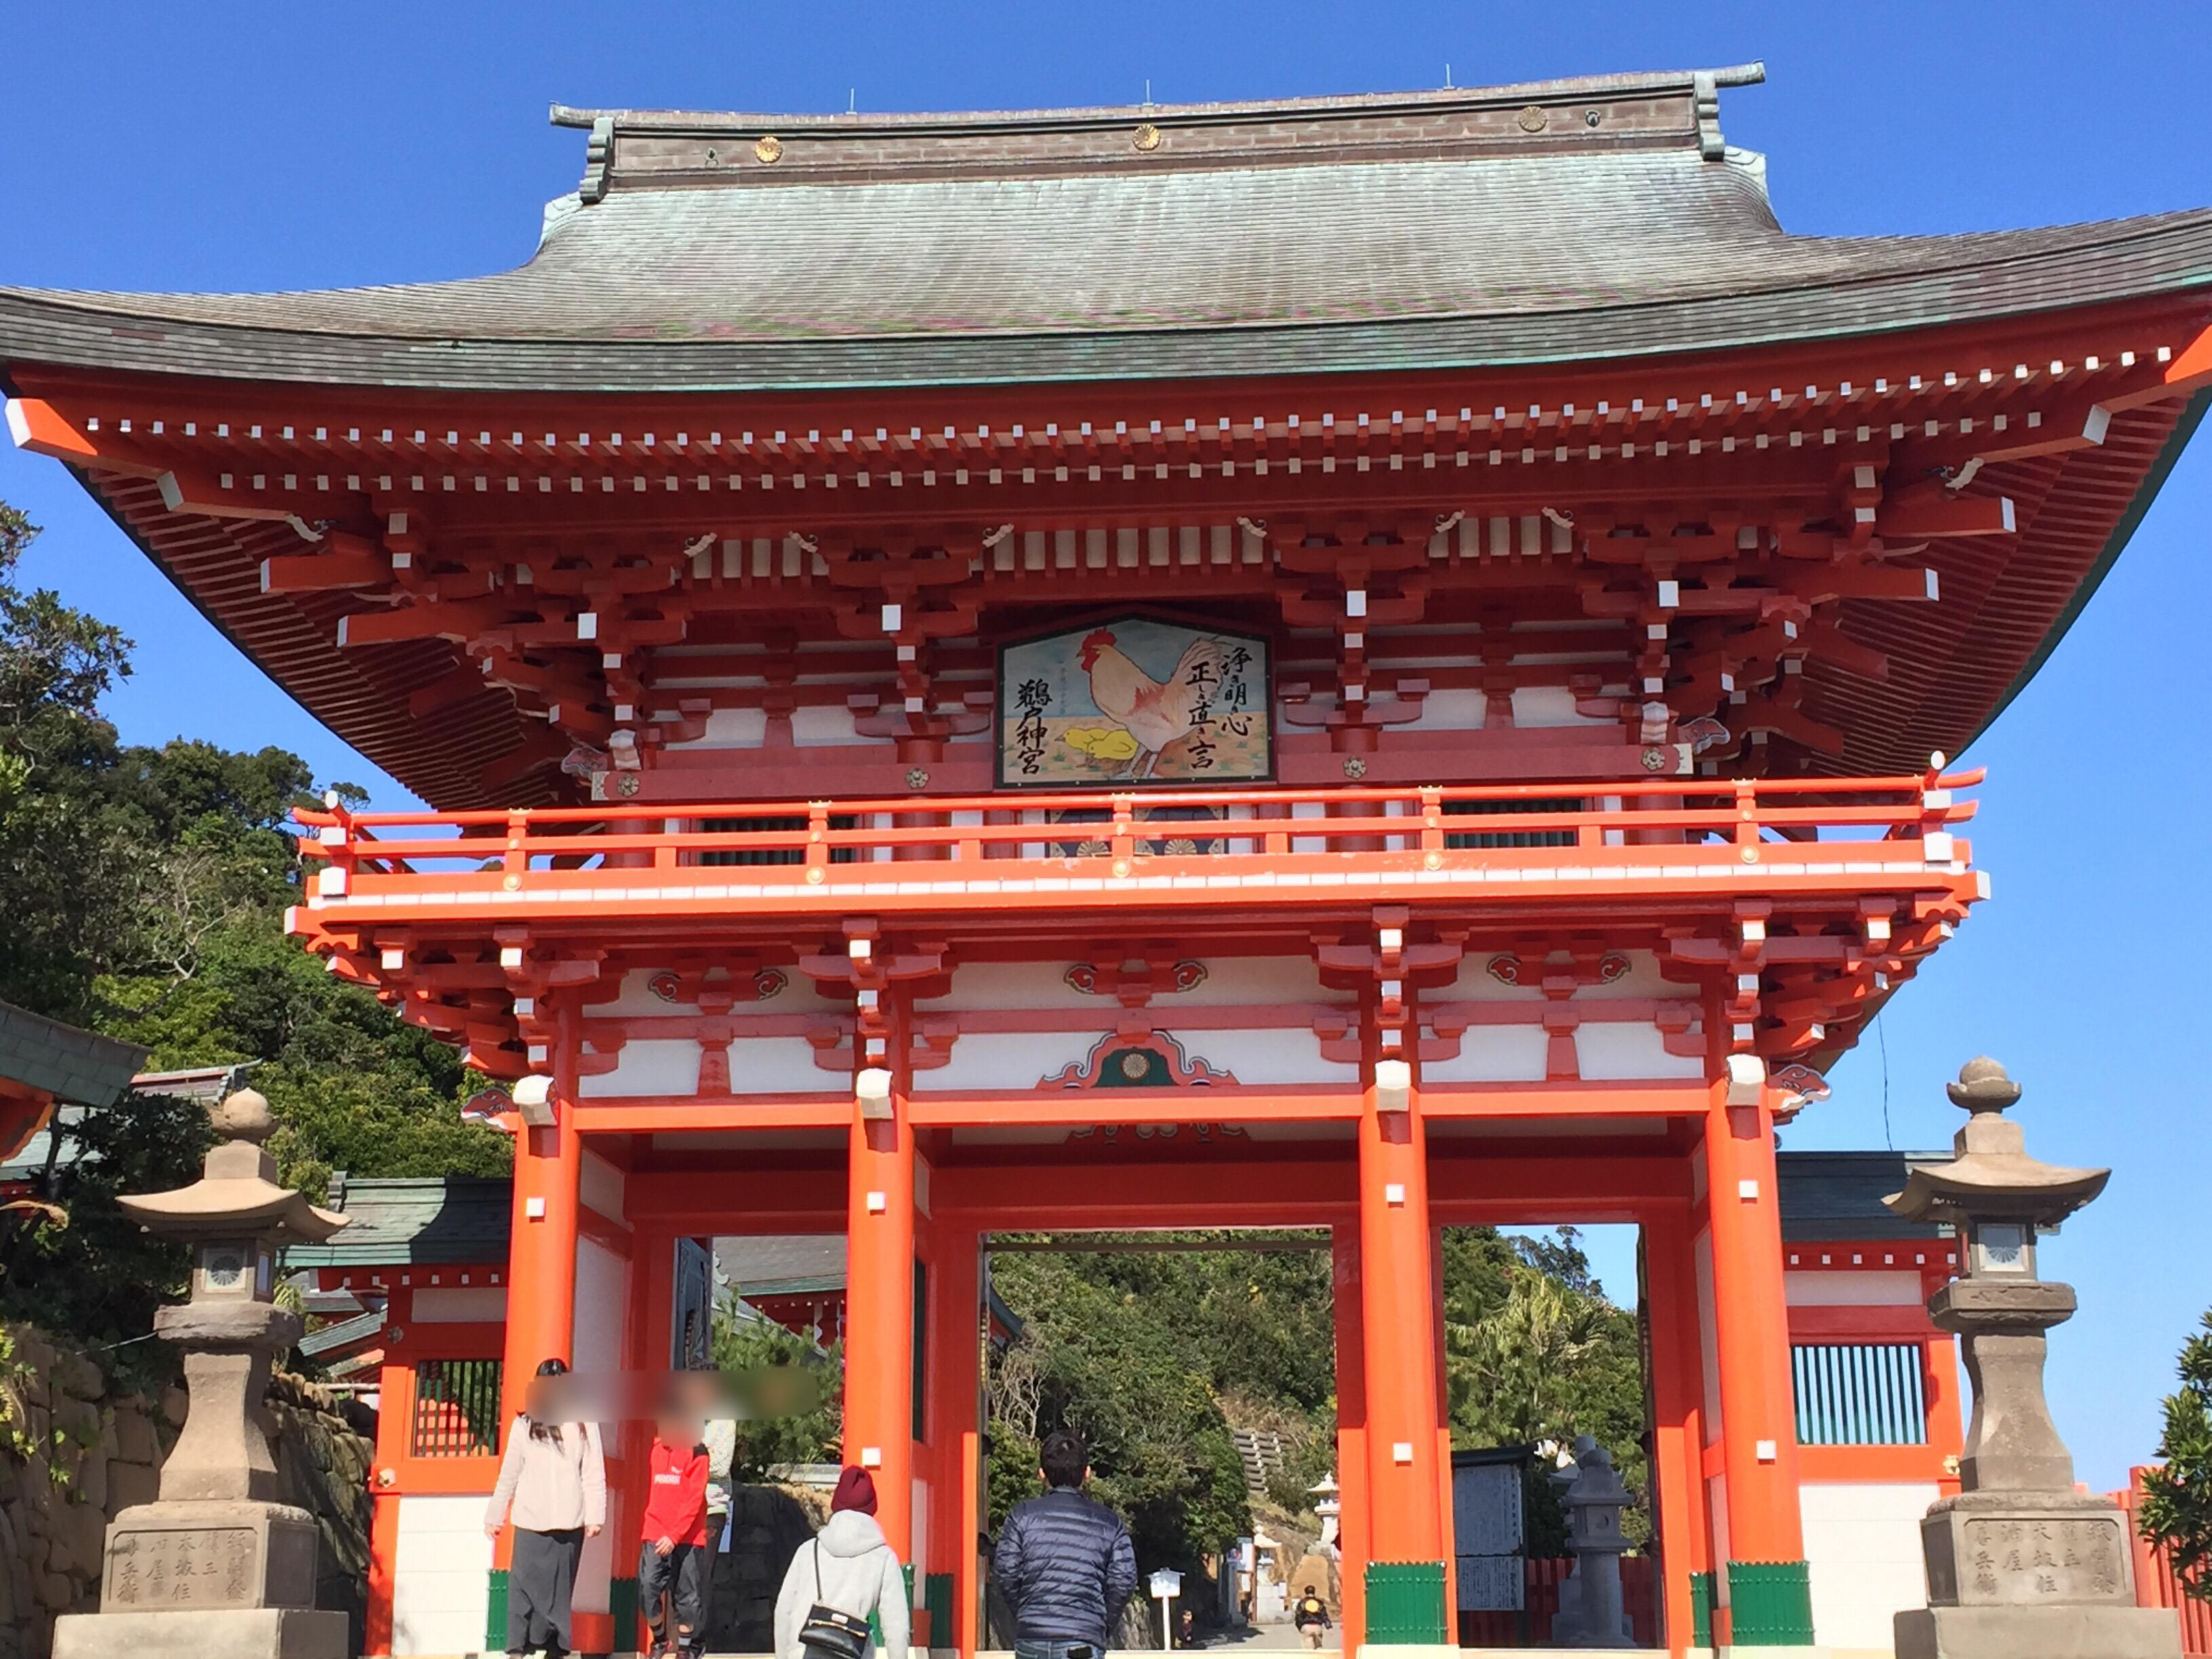 2017年 鵜戸神宮 4社詣で & 湯浅豆腐店の豆腐プリン